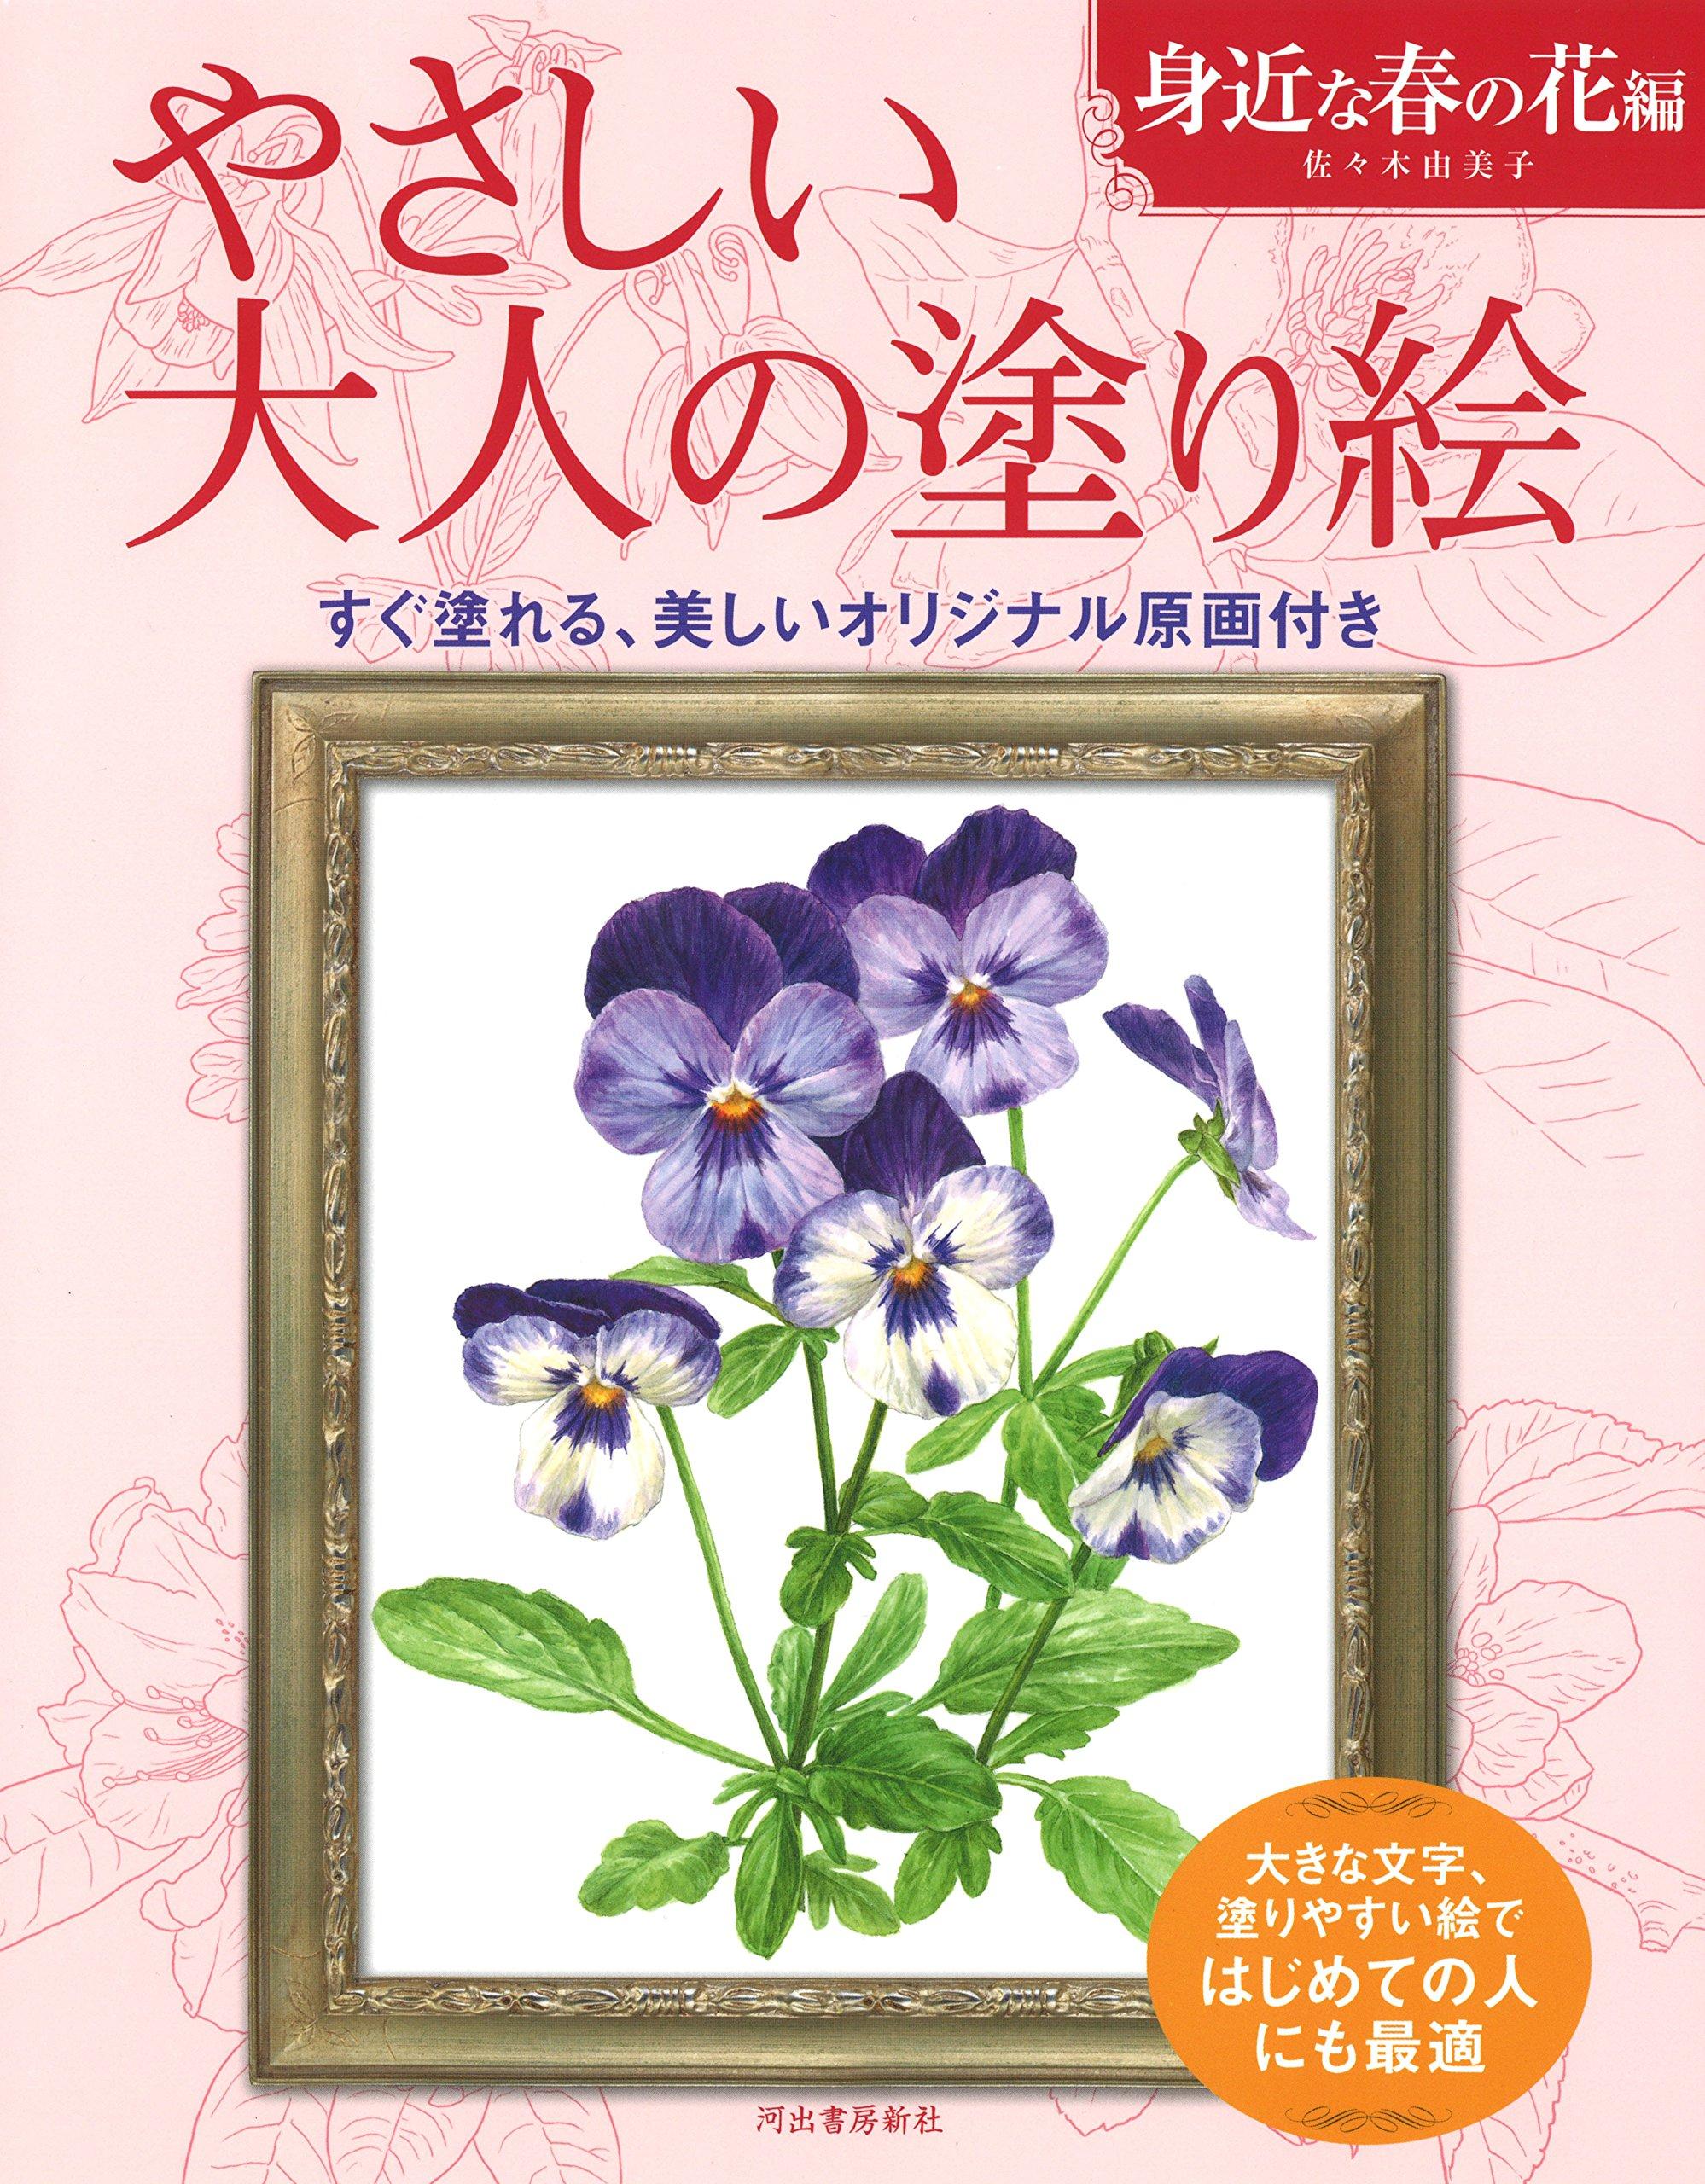 やさしい大人の塗り絵 身近な春の花編 佐々木 由美子 本 通販 Amazon